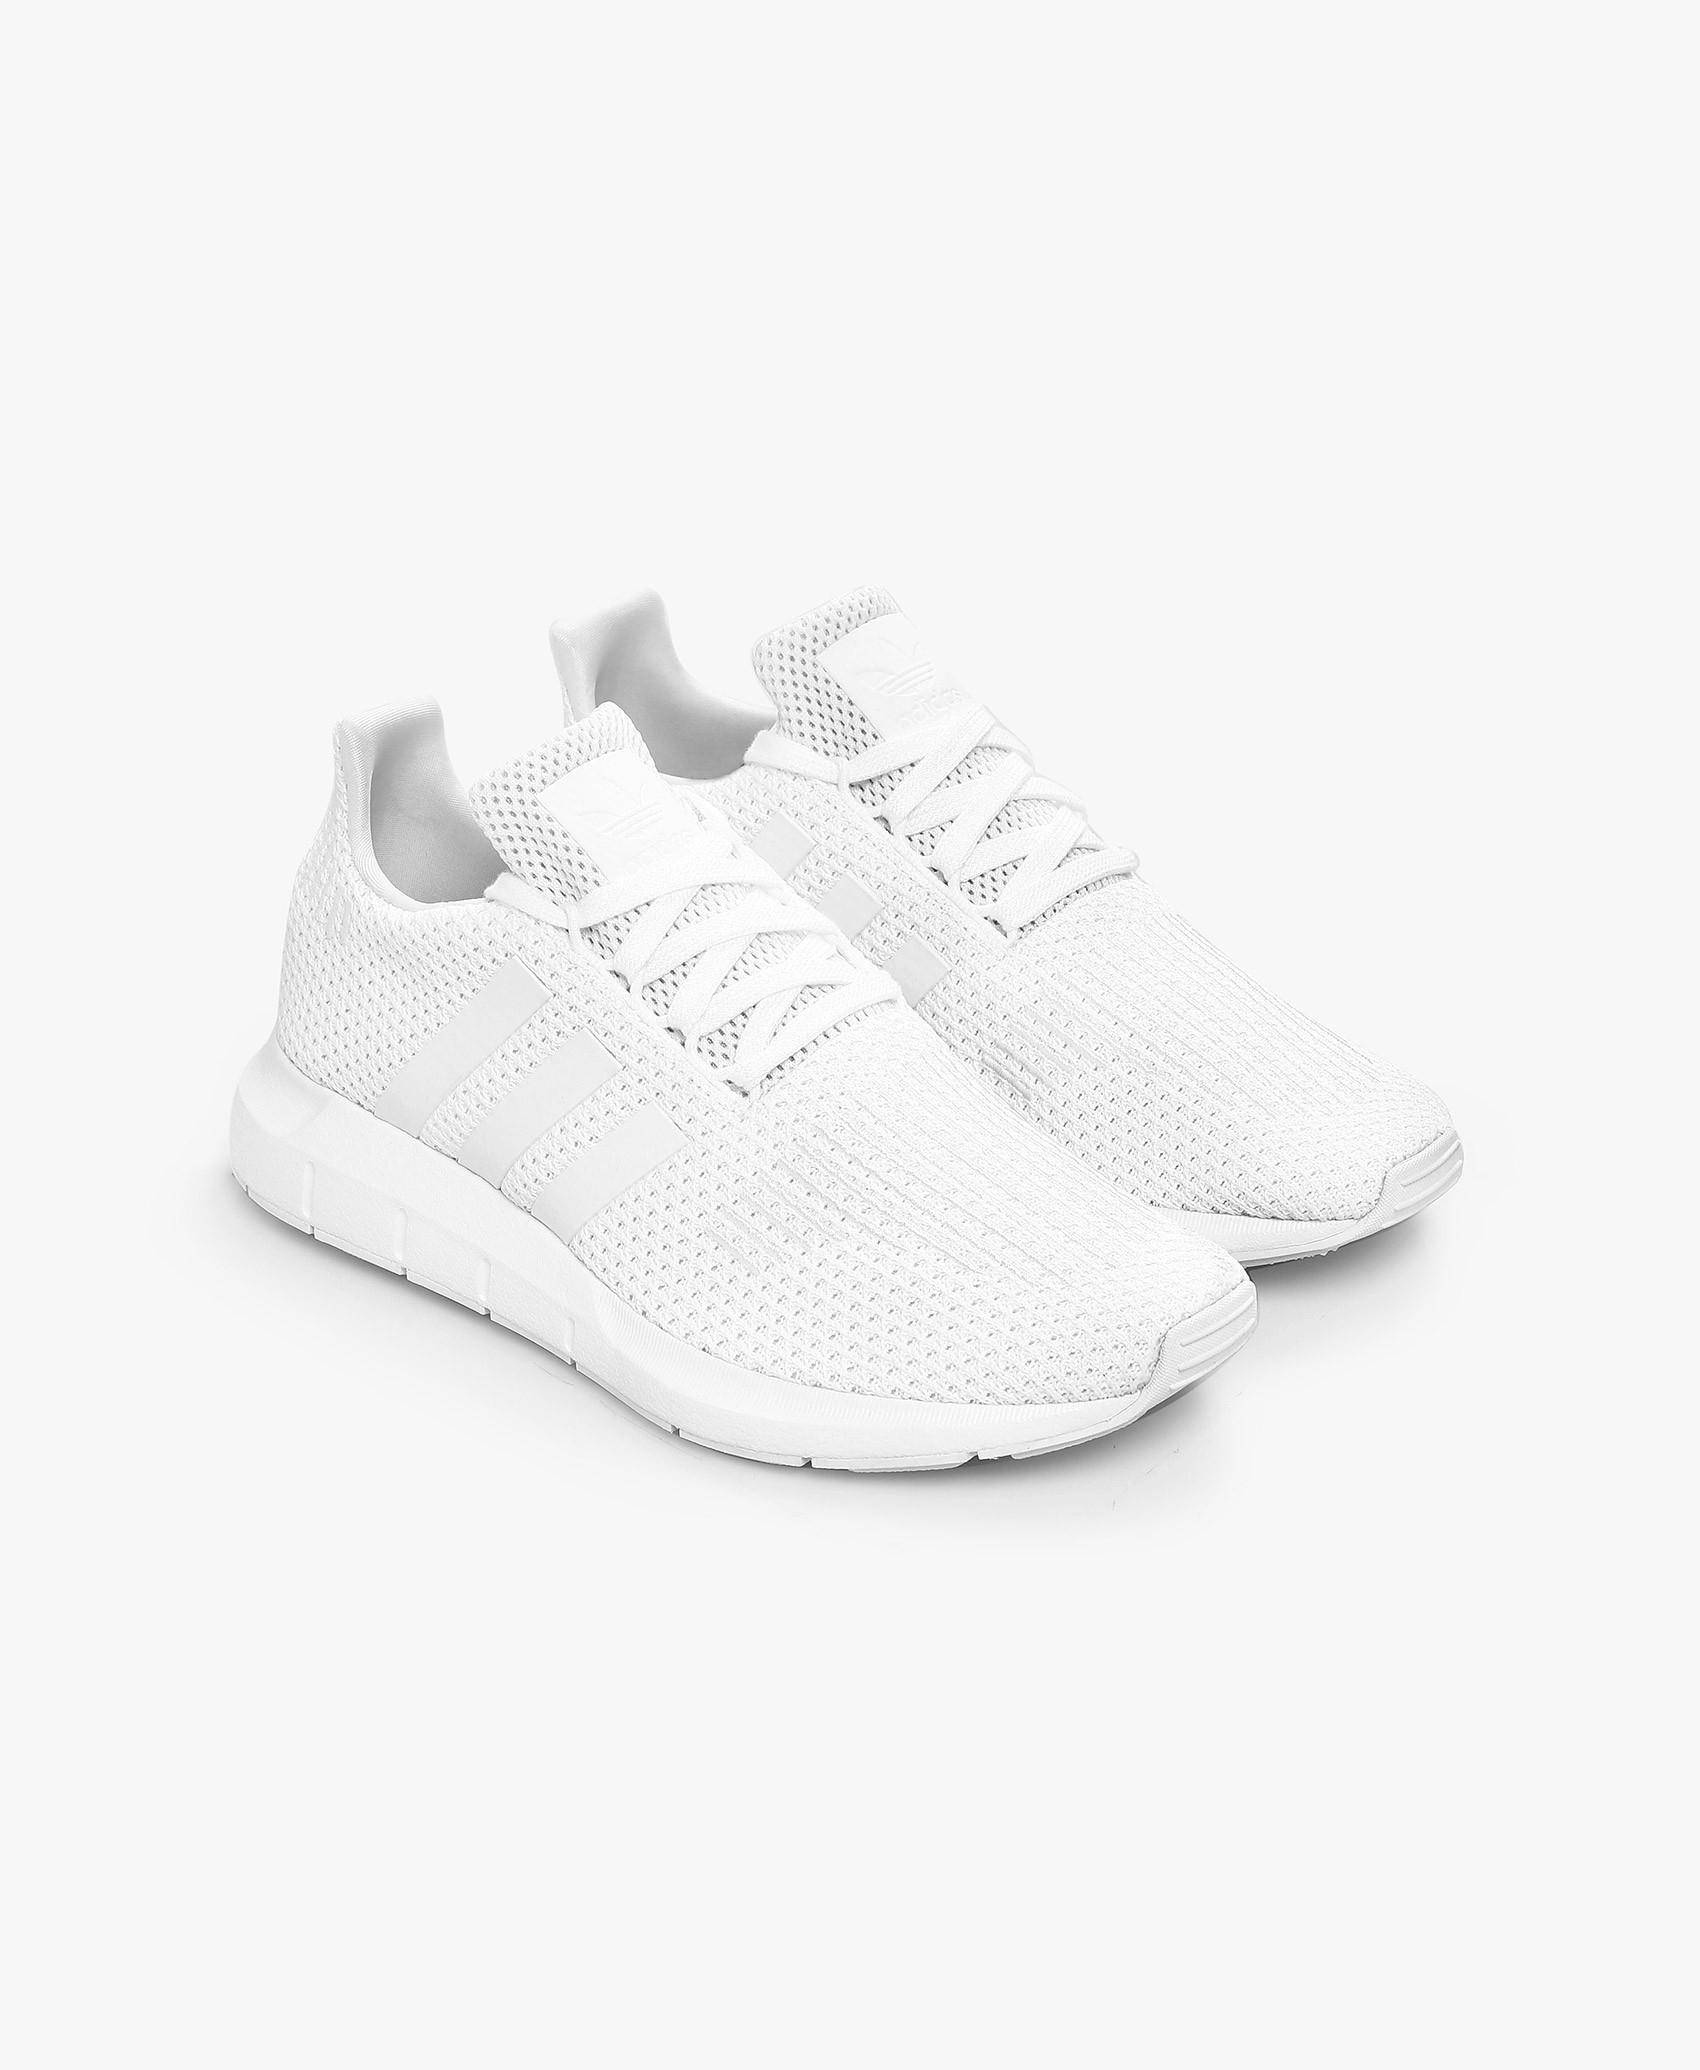 1700x2070 White Swift Run Sneakers Adidas Originals